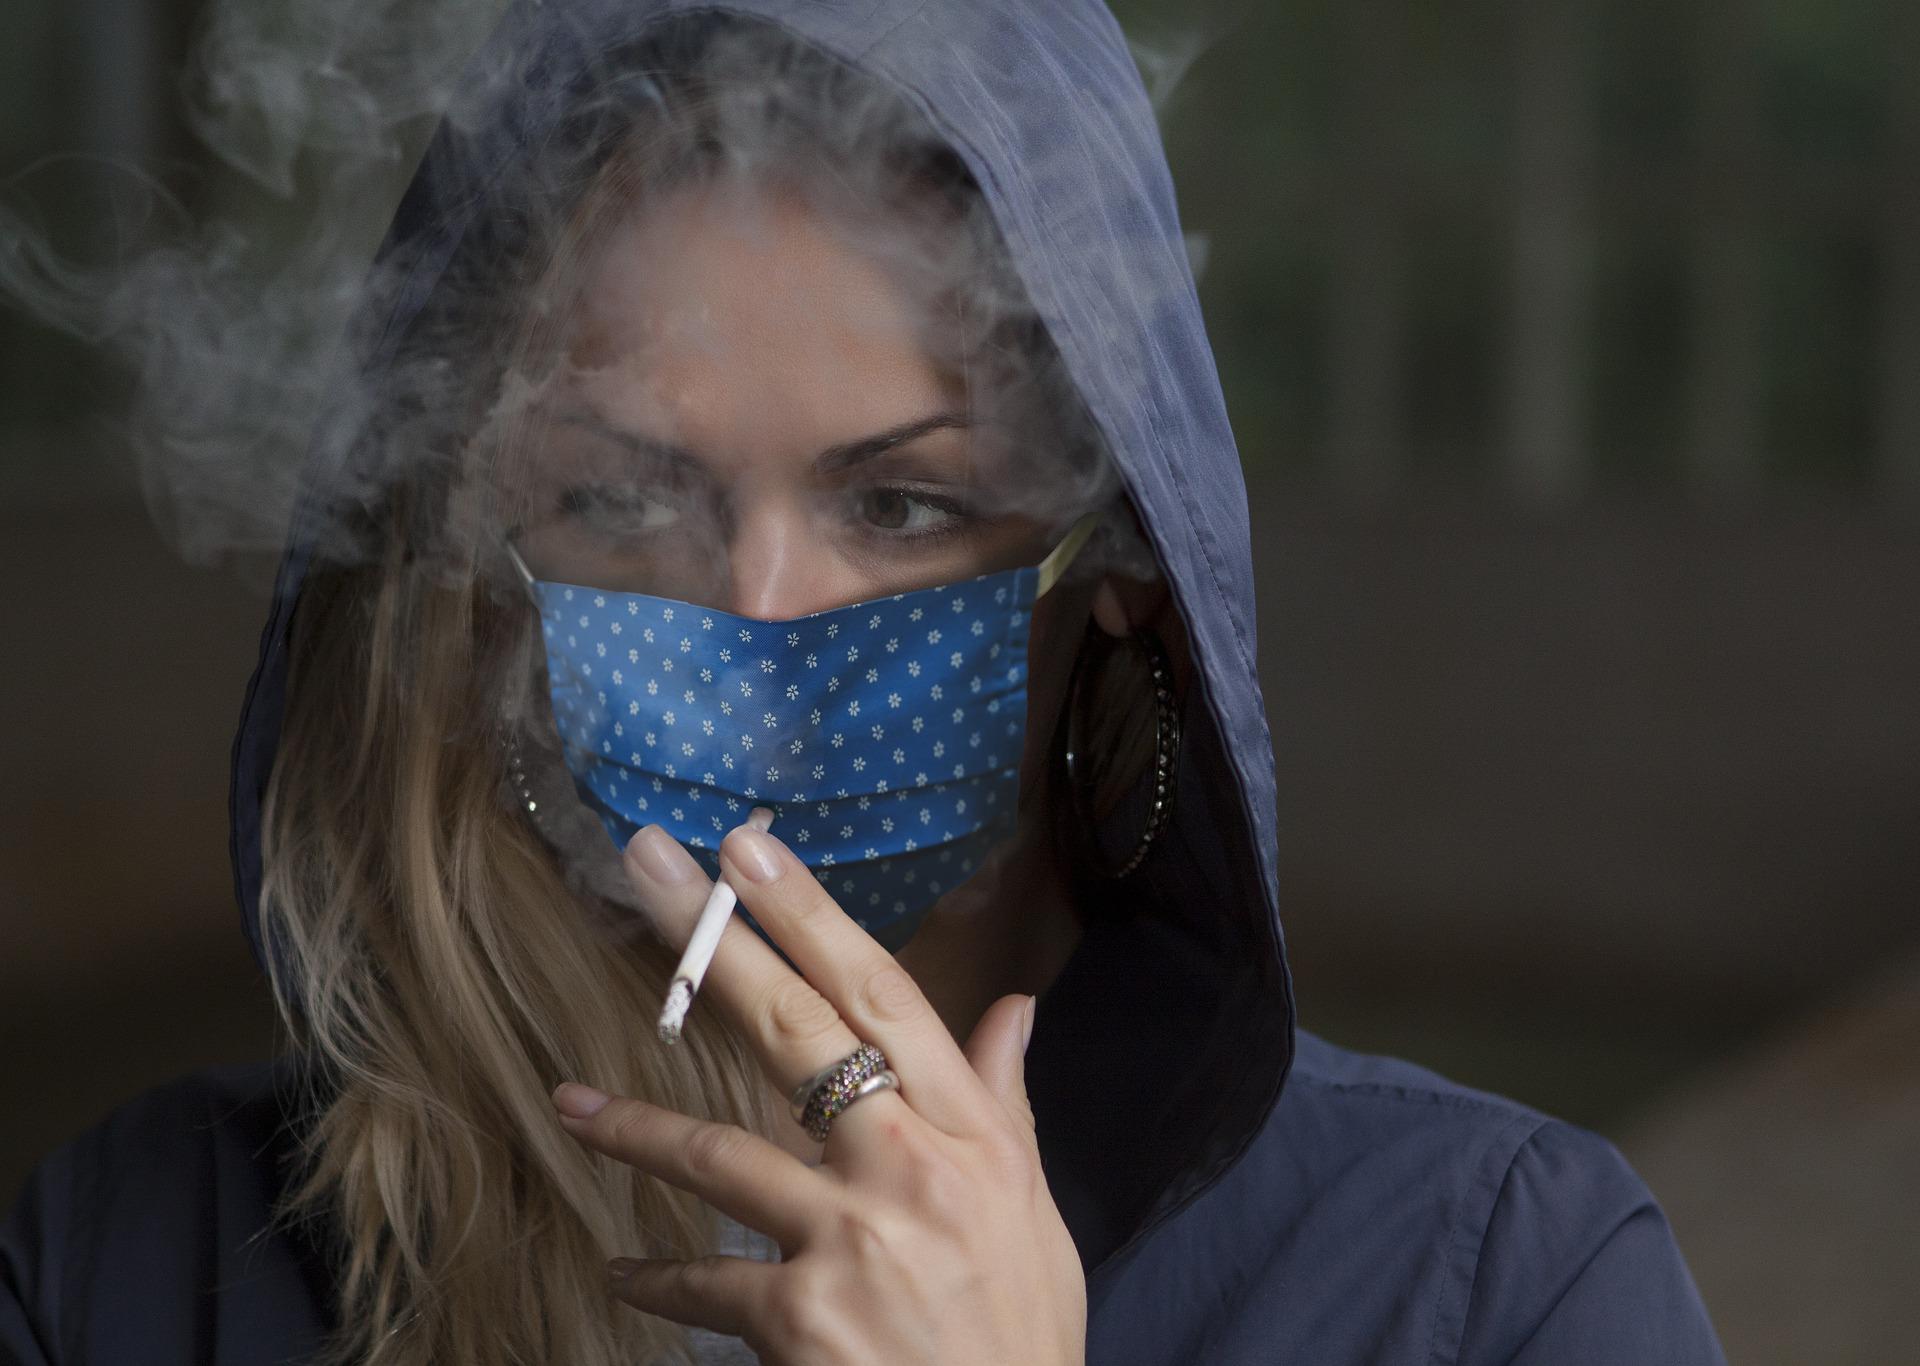 Пандемия повлияла на курение в России